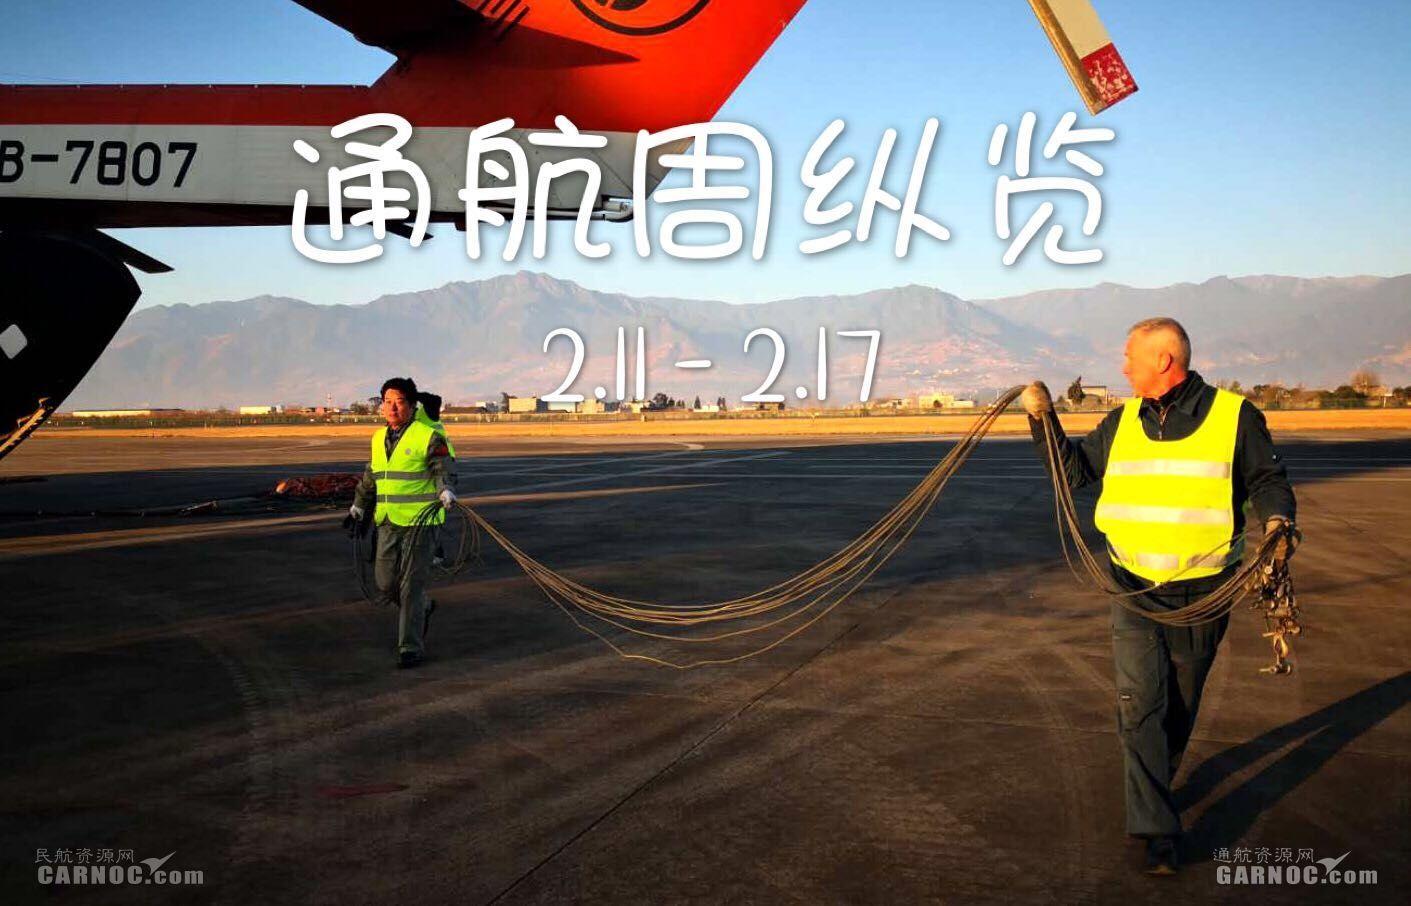 民航局公布422家通航企名单 国外发生多起通航事故